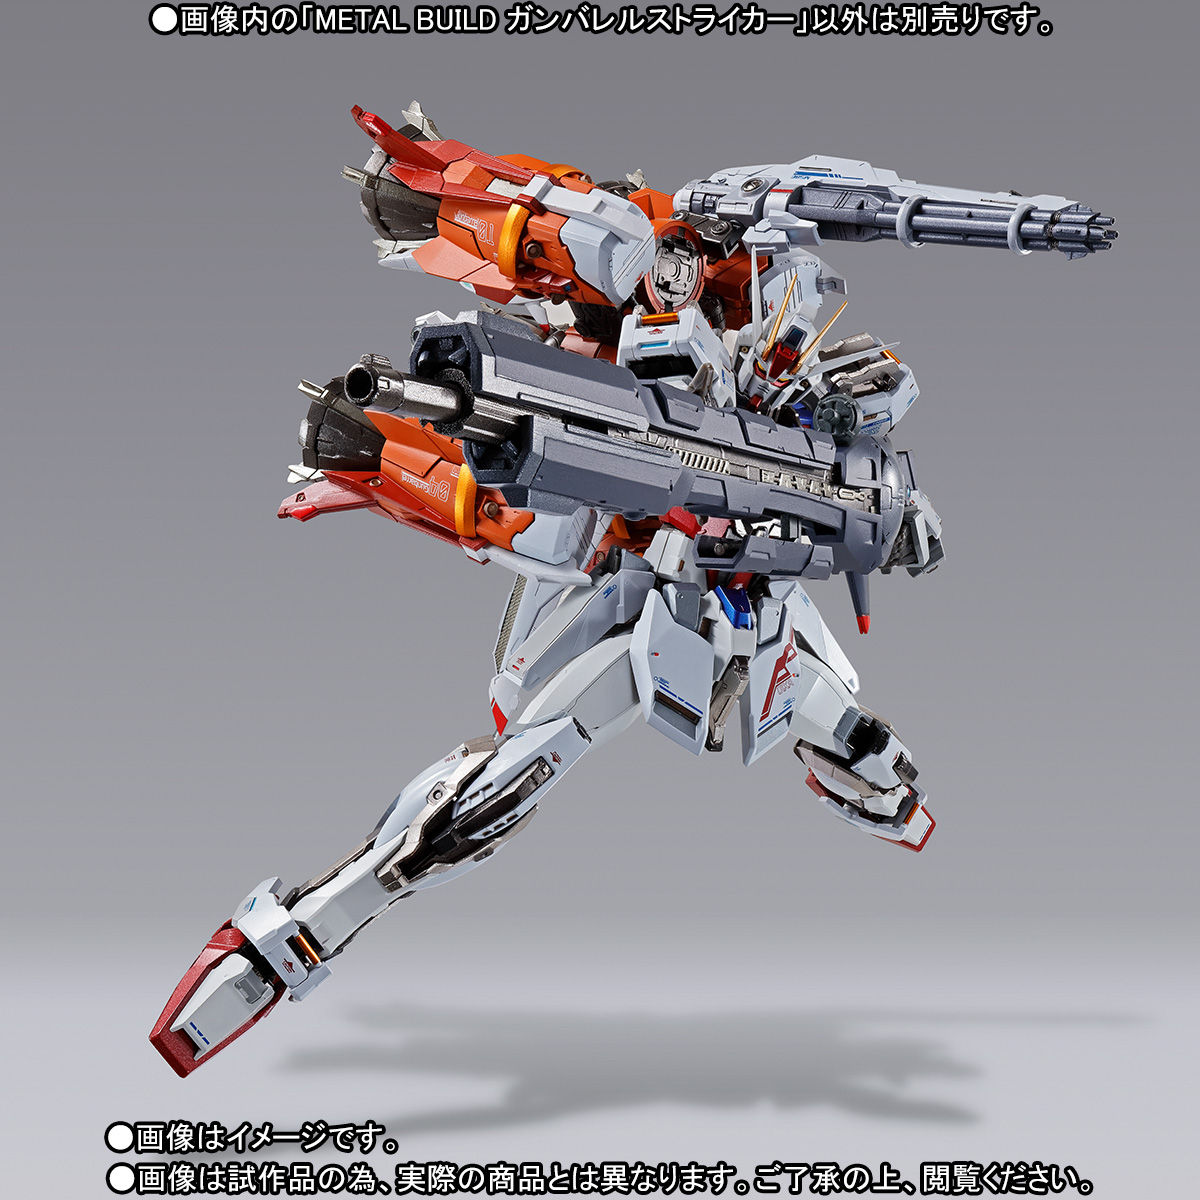 METAL BUILD『ガンバレルストライカー|機動戦士ガンダムSEED MSV』可動フィギュア-002